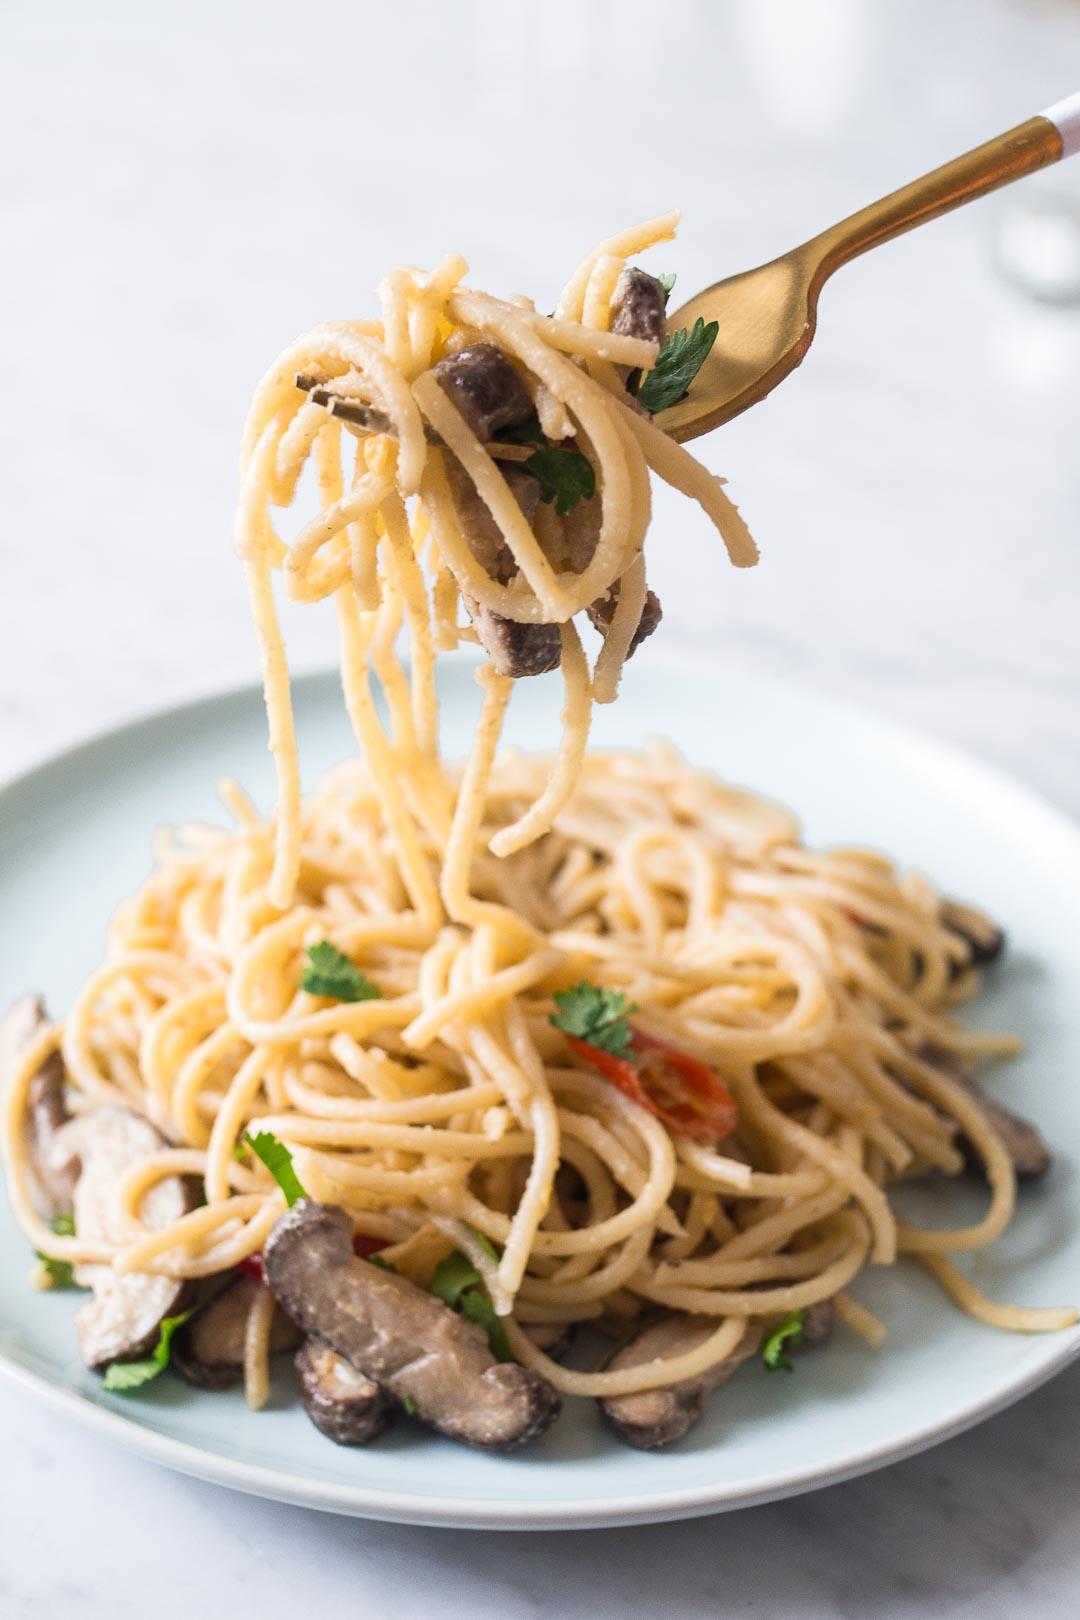 miso mushroom pasta in a blue dish